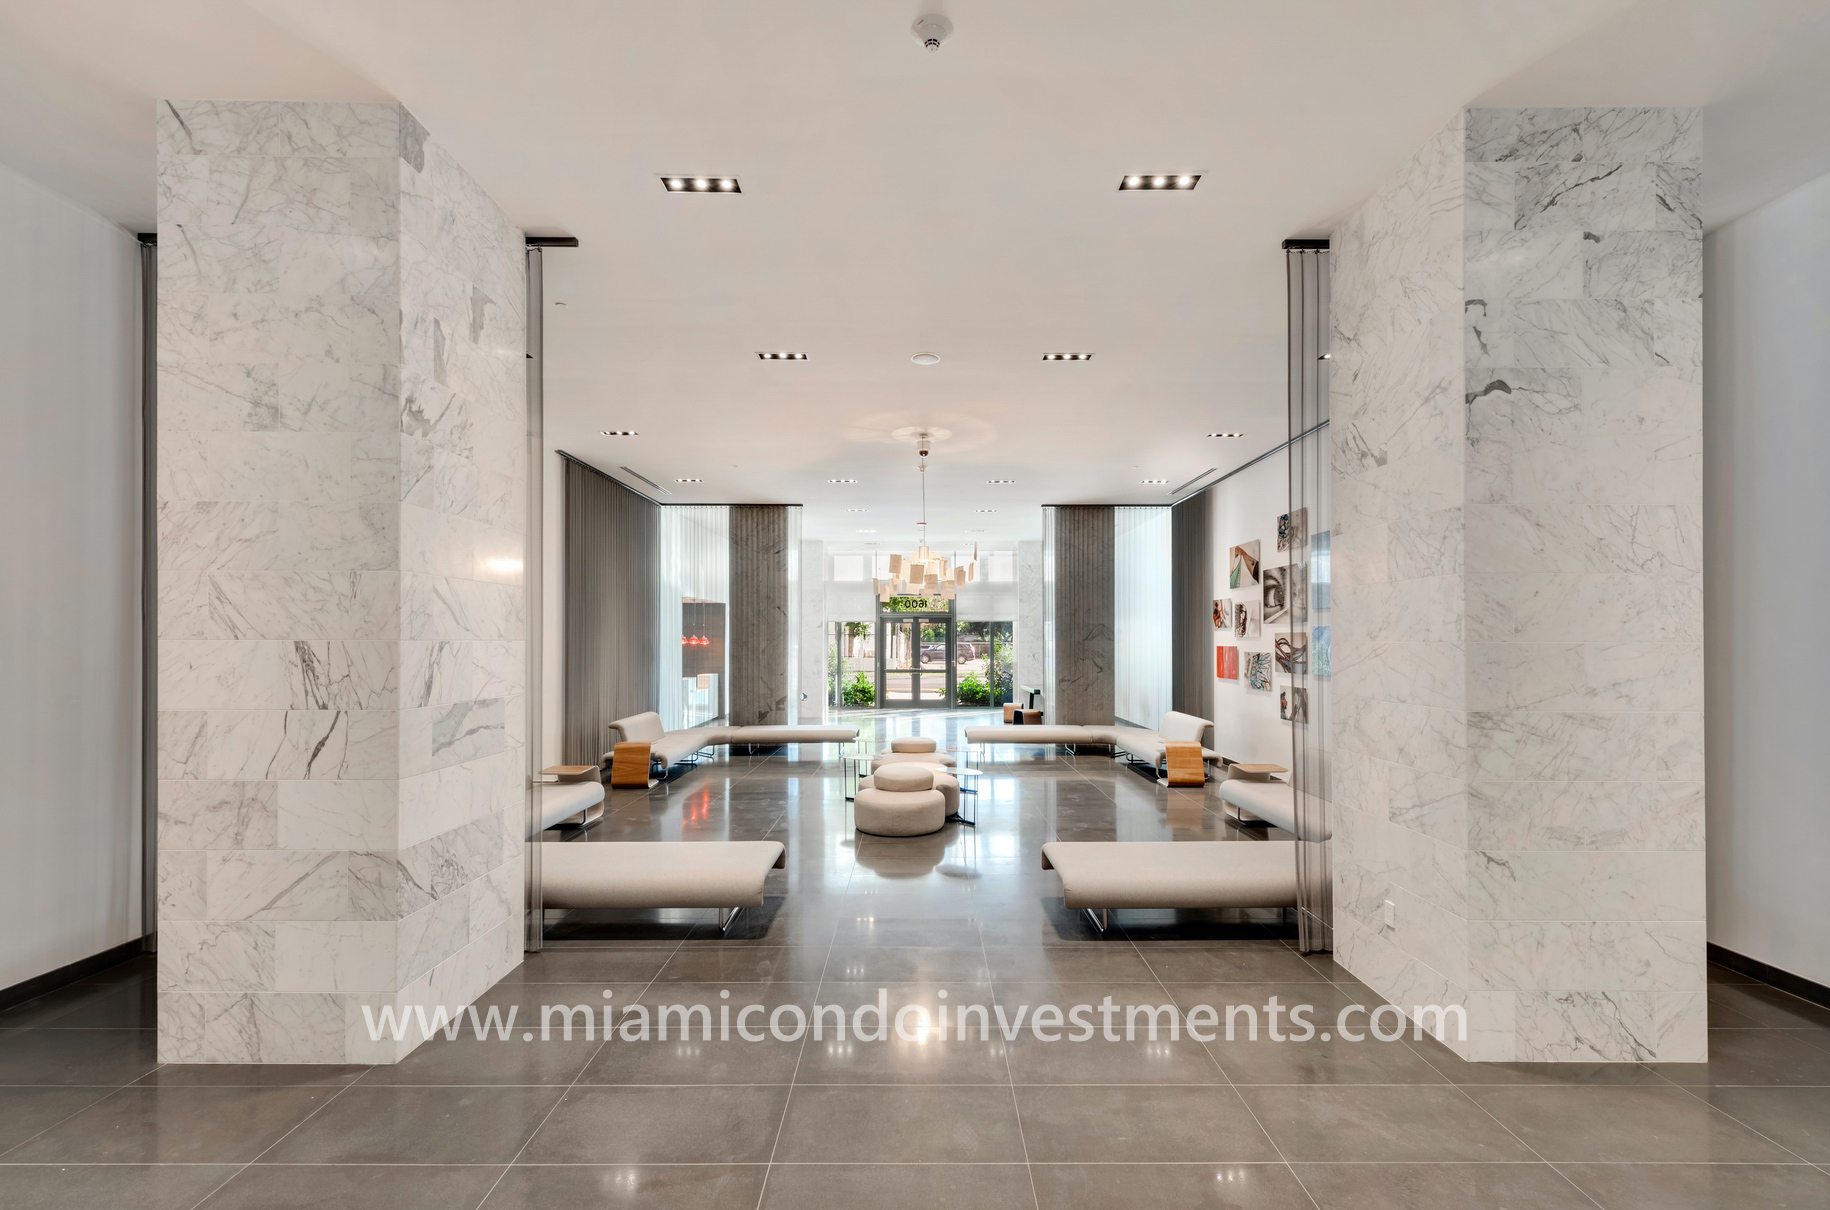 Canvas Miami lobby at 1600 NE 1st Ave